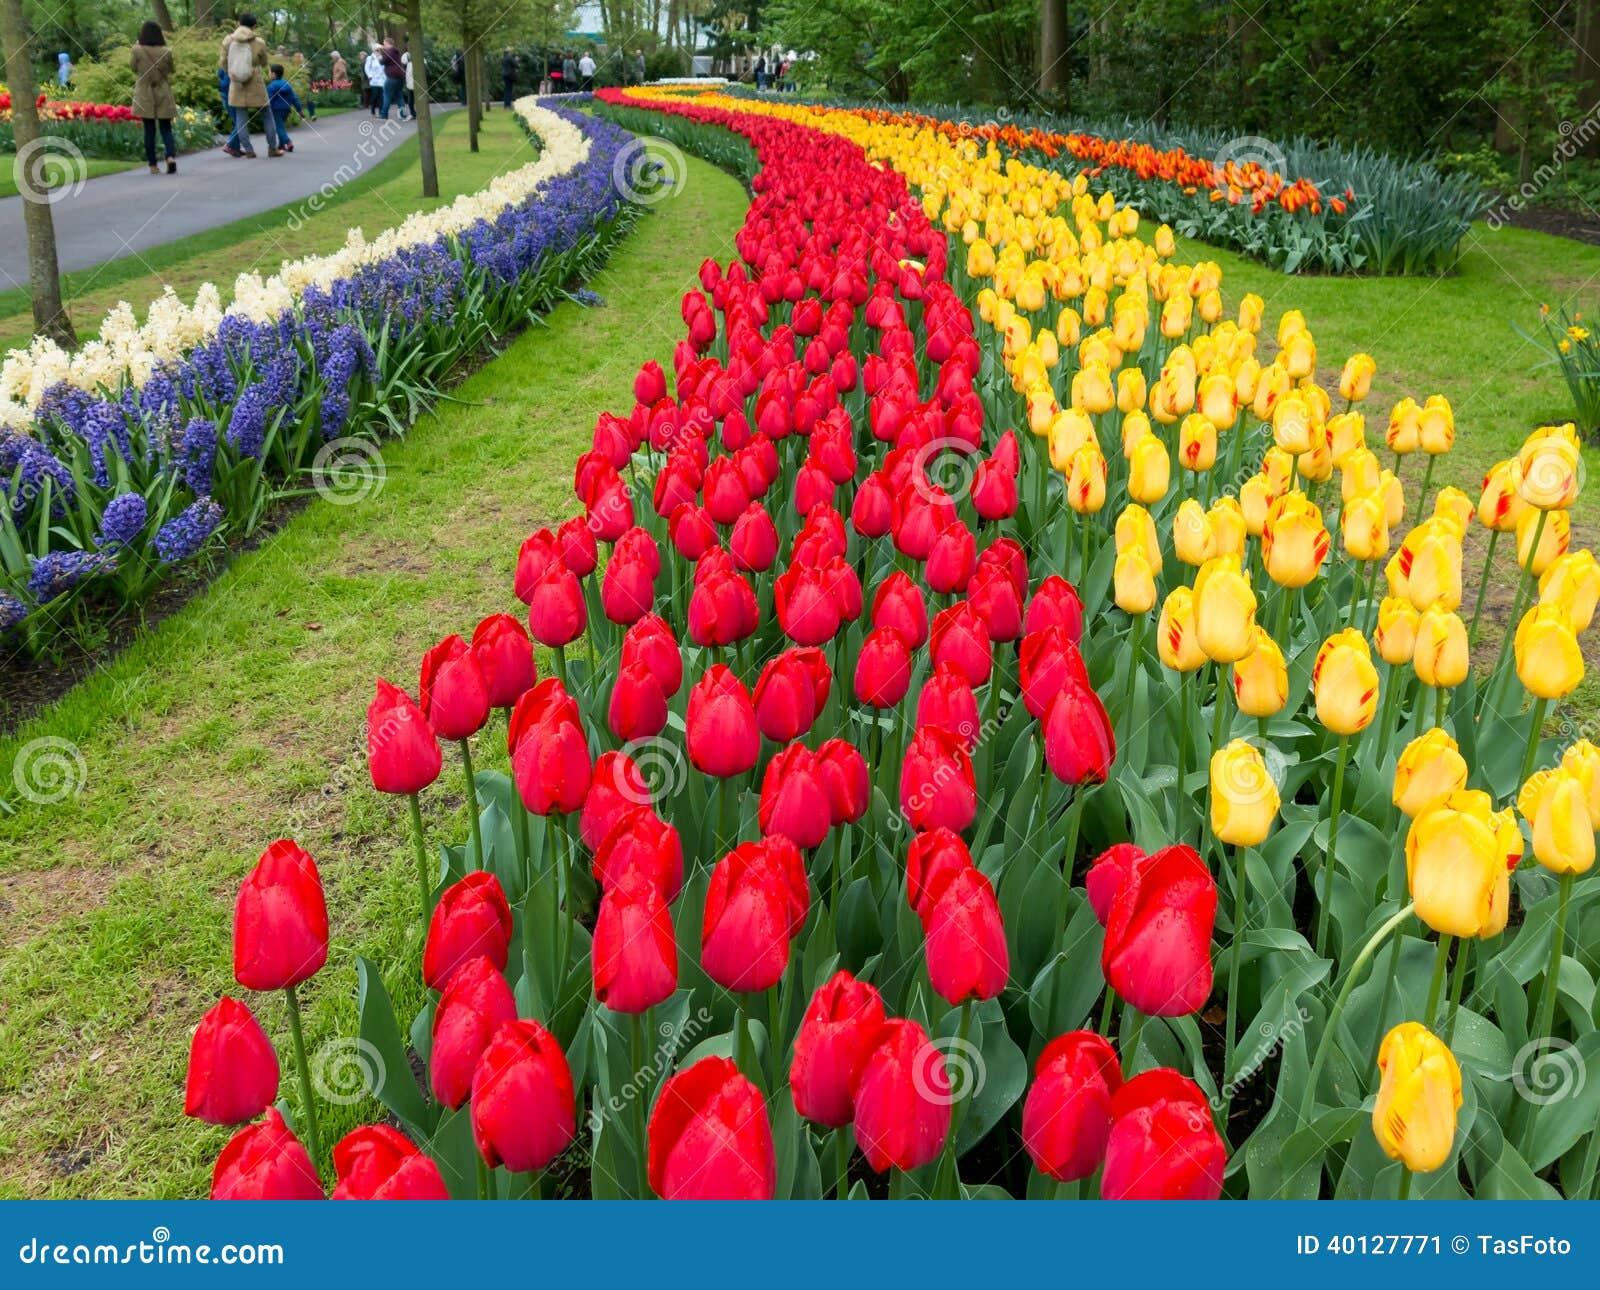 Tulipanes en los jardines de keukenhof en holanda foto editorial imagen 40127771 - Jardines de tulipanes en holanda ...